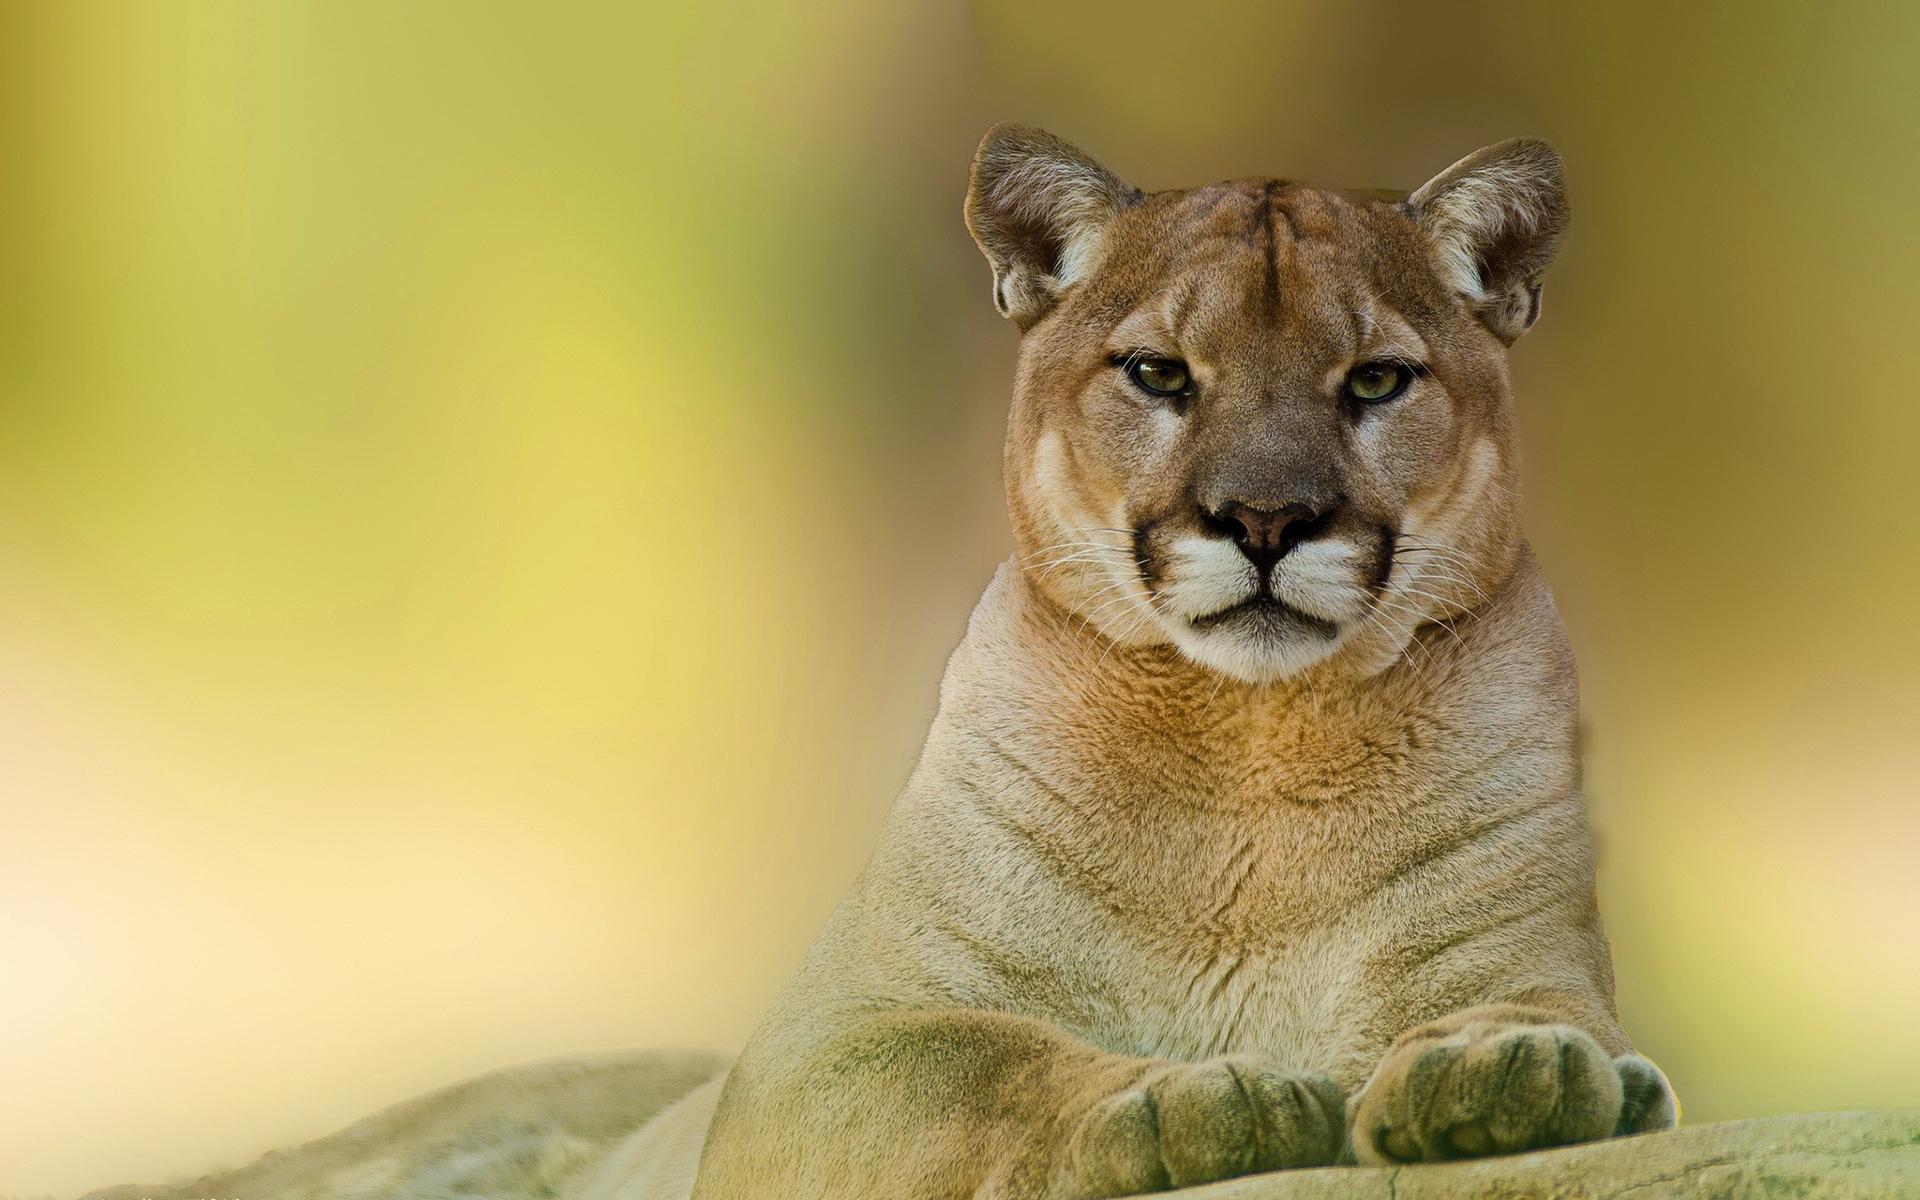 cougar cat